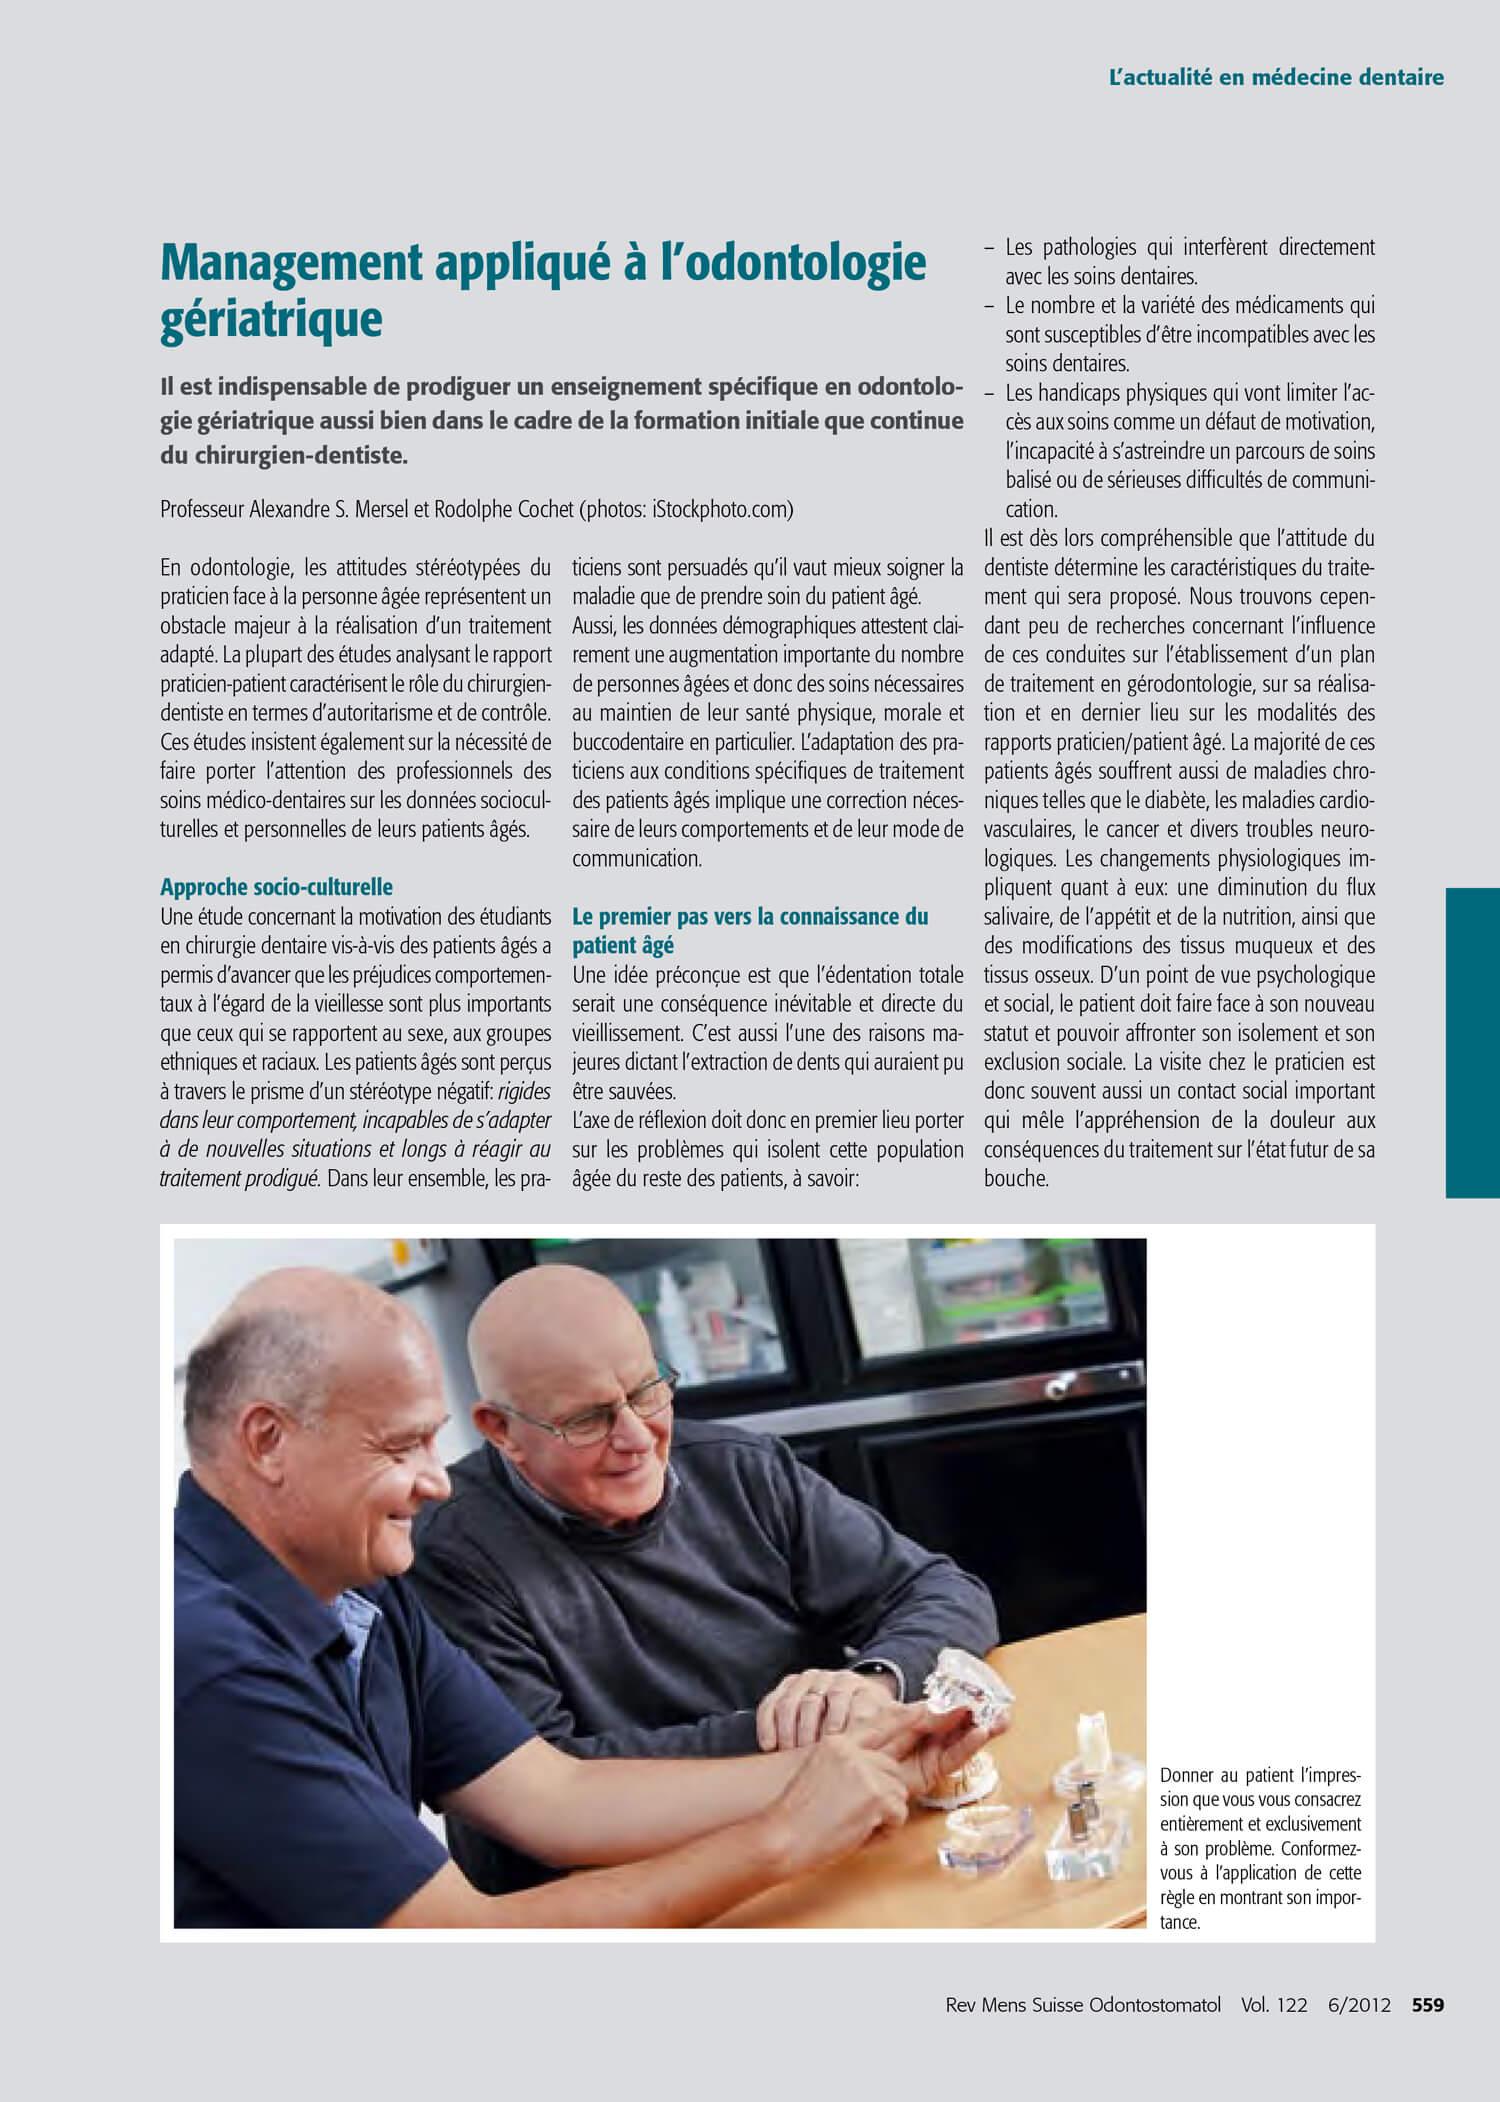 management-odontologie-geriatrique-cochet-rodolphe-mersel.jpg